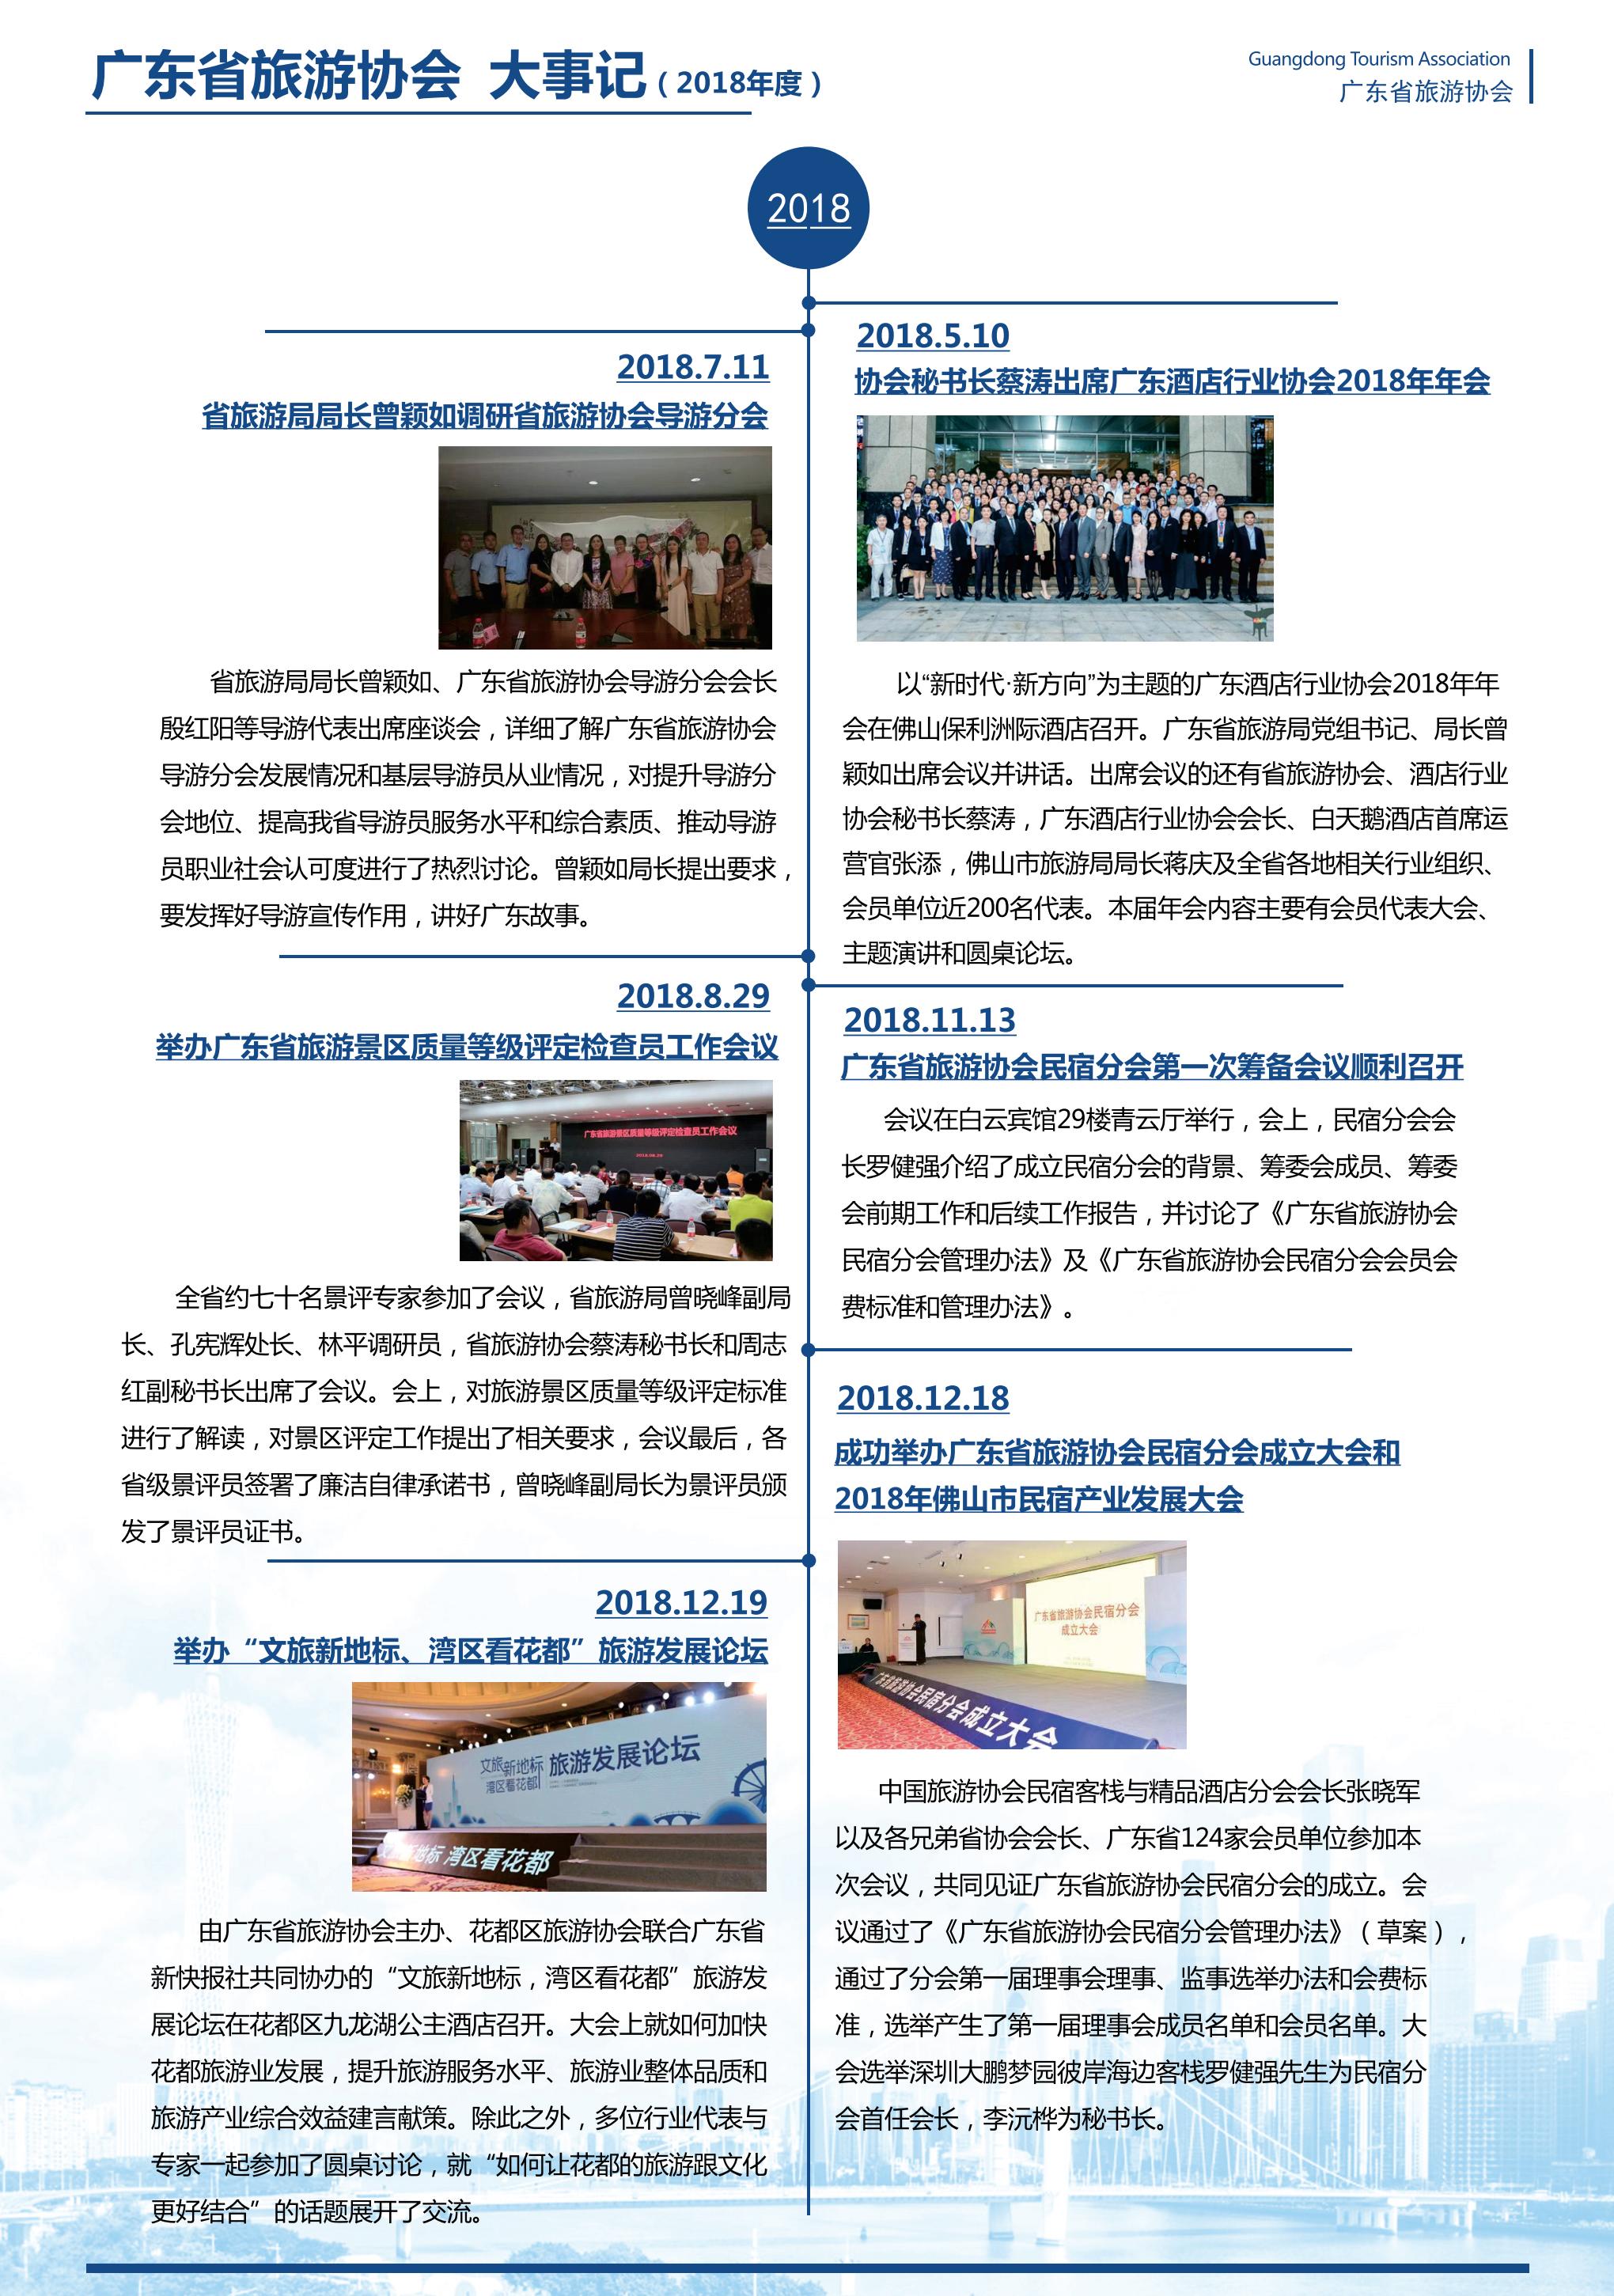 省旅游協會簡介_11